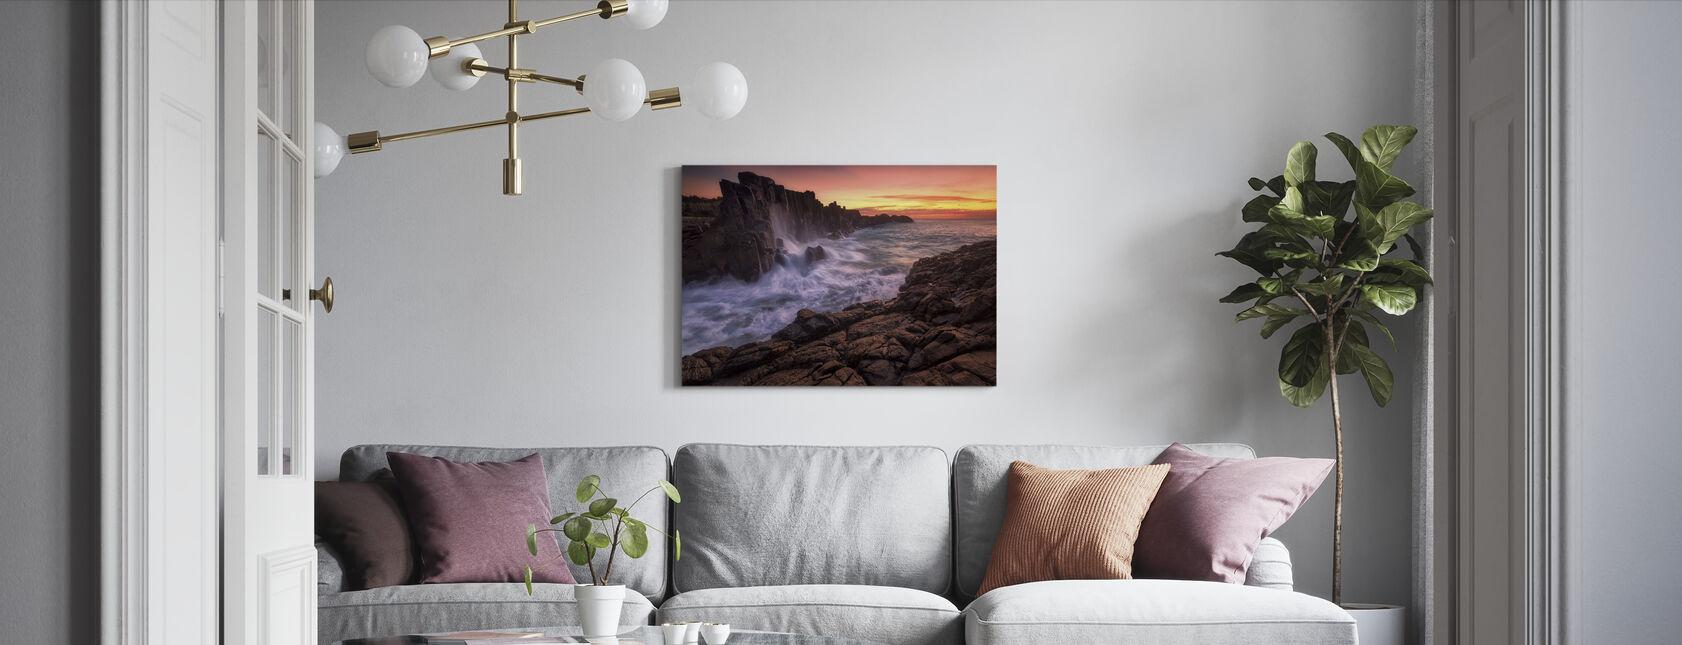 Mur ved havet - Billede på lærred - Stue